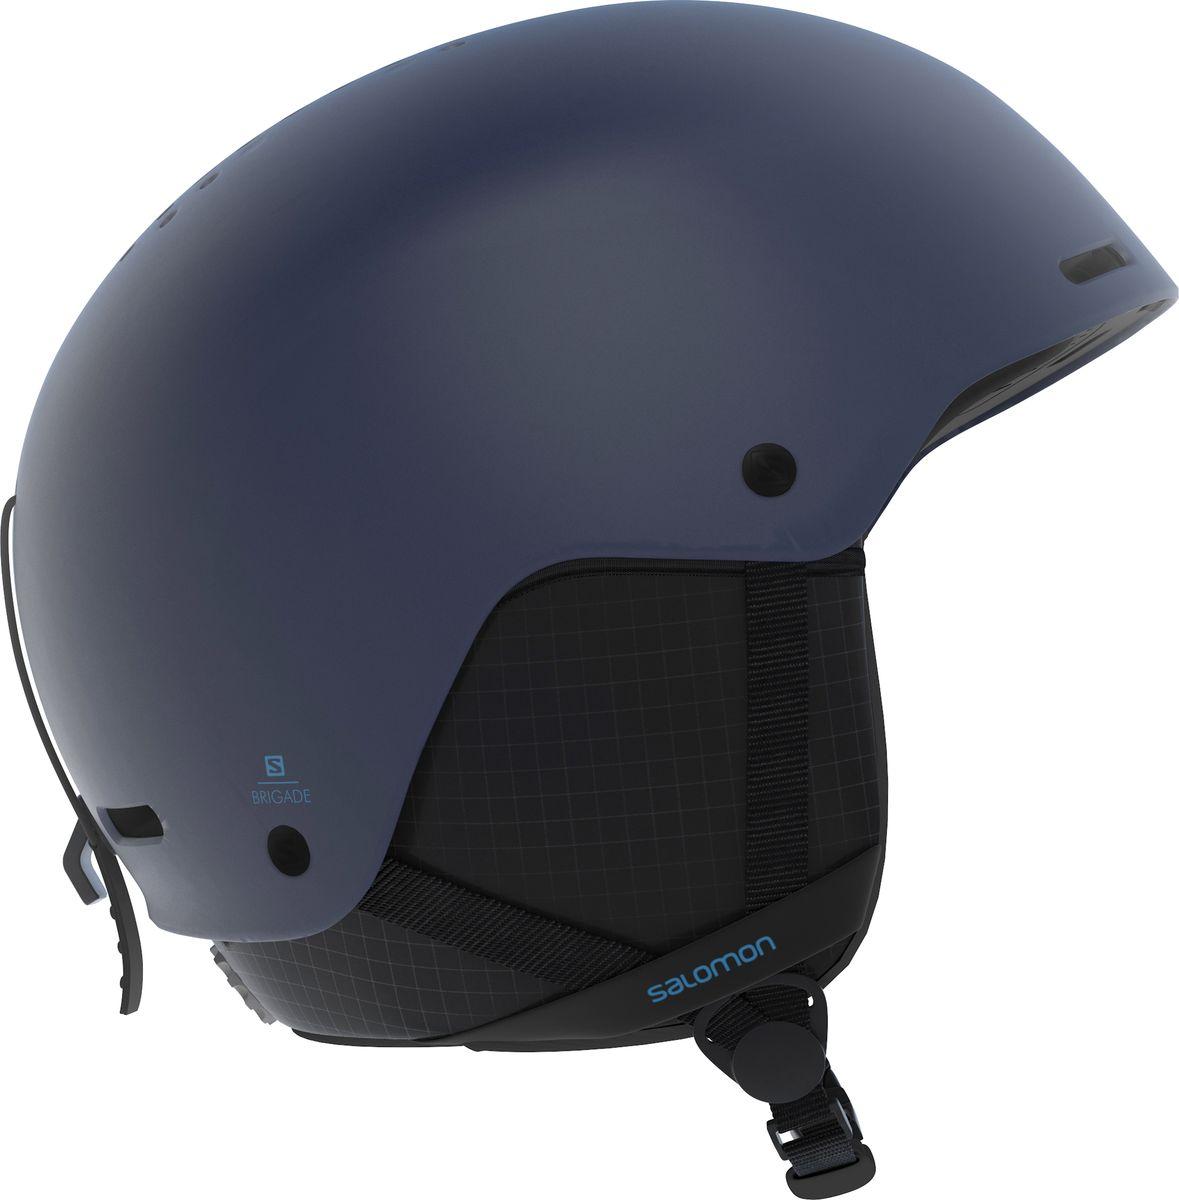 Шлем горнолыжный Salomon Brigade Dress, цвет: синий. Размер L (59-62) шлем горнолыжный salomon helmet brigade audio grey forest gr размер l 58 59